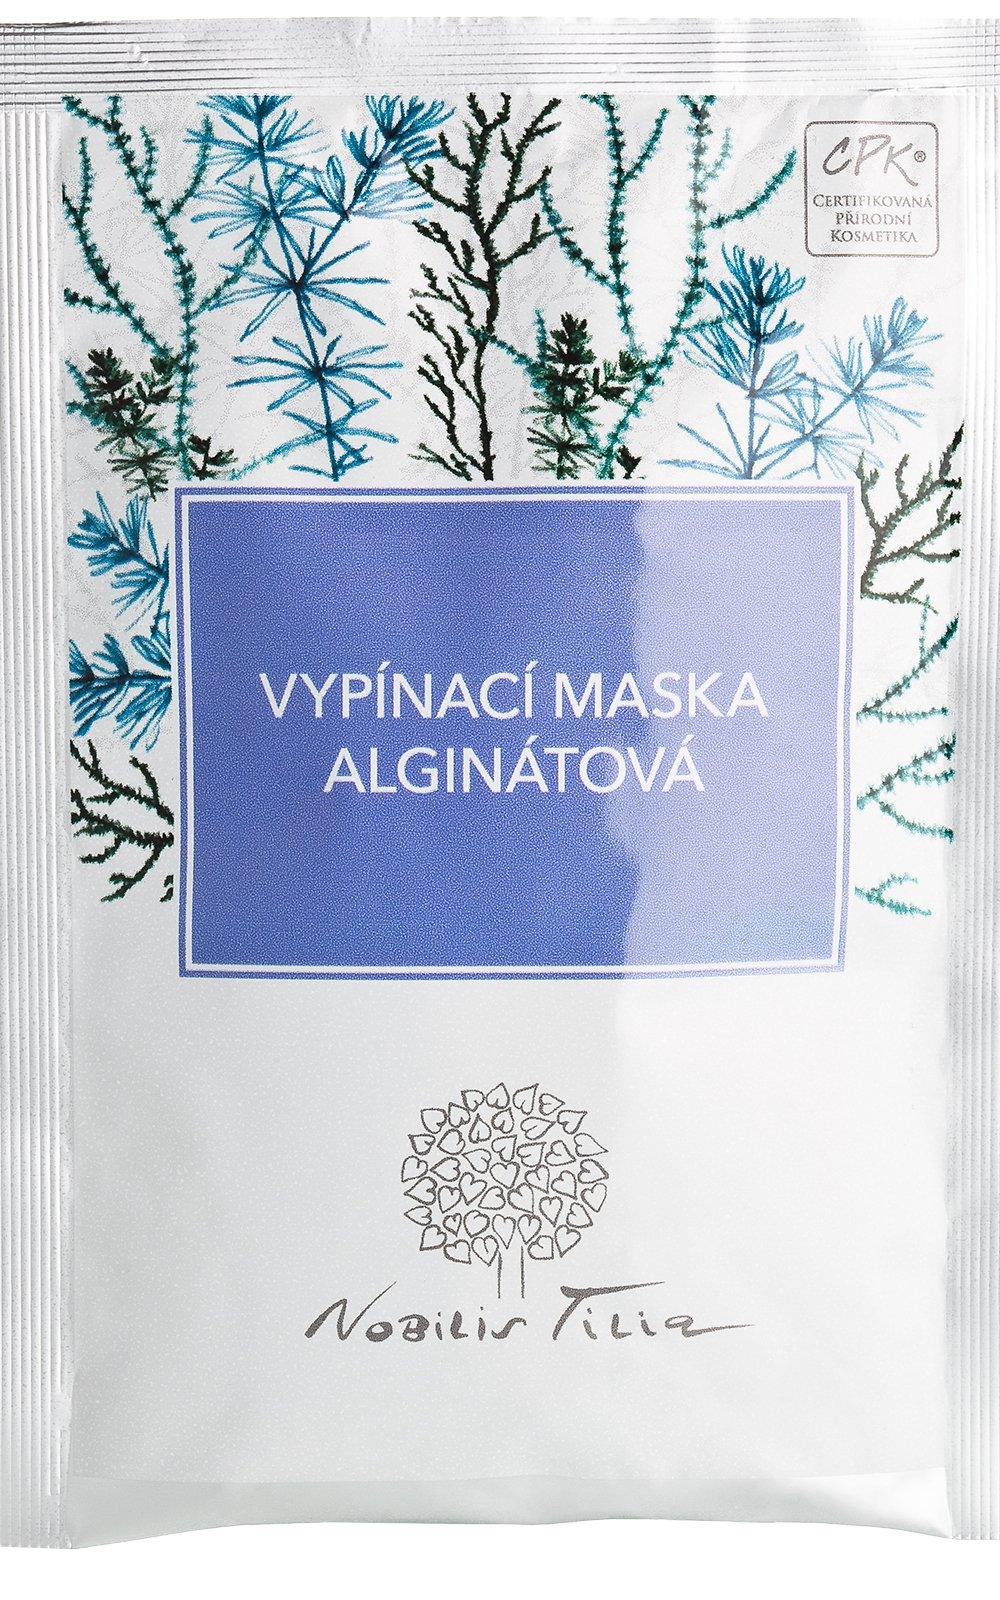 Vypínací maska alginátová: 30 g